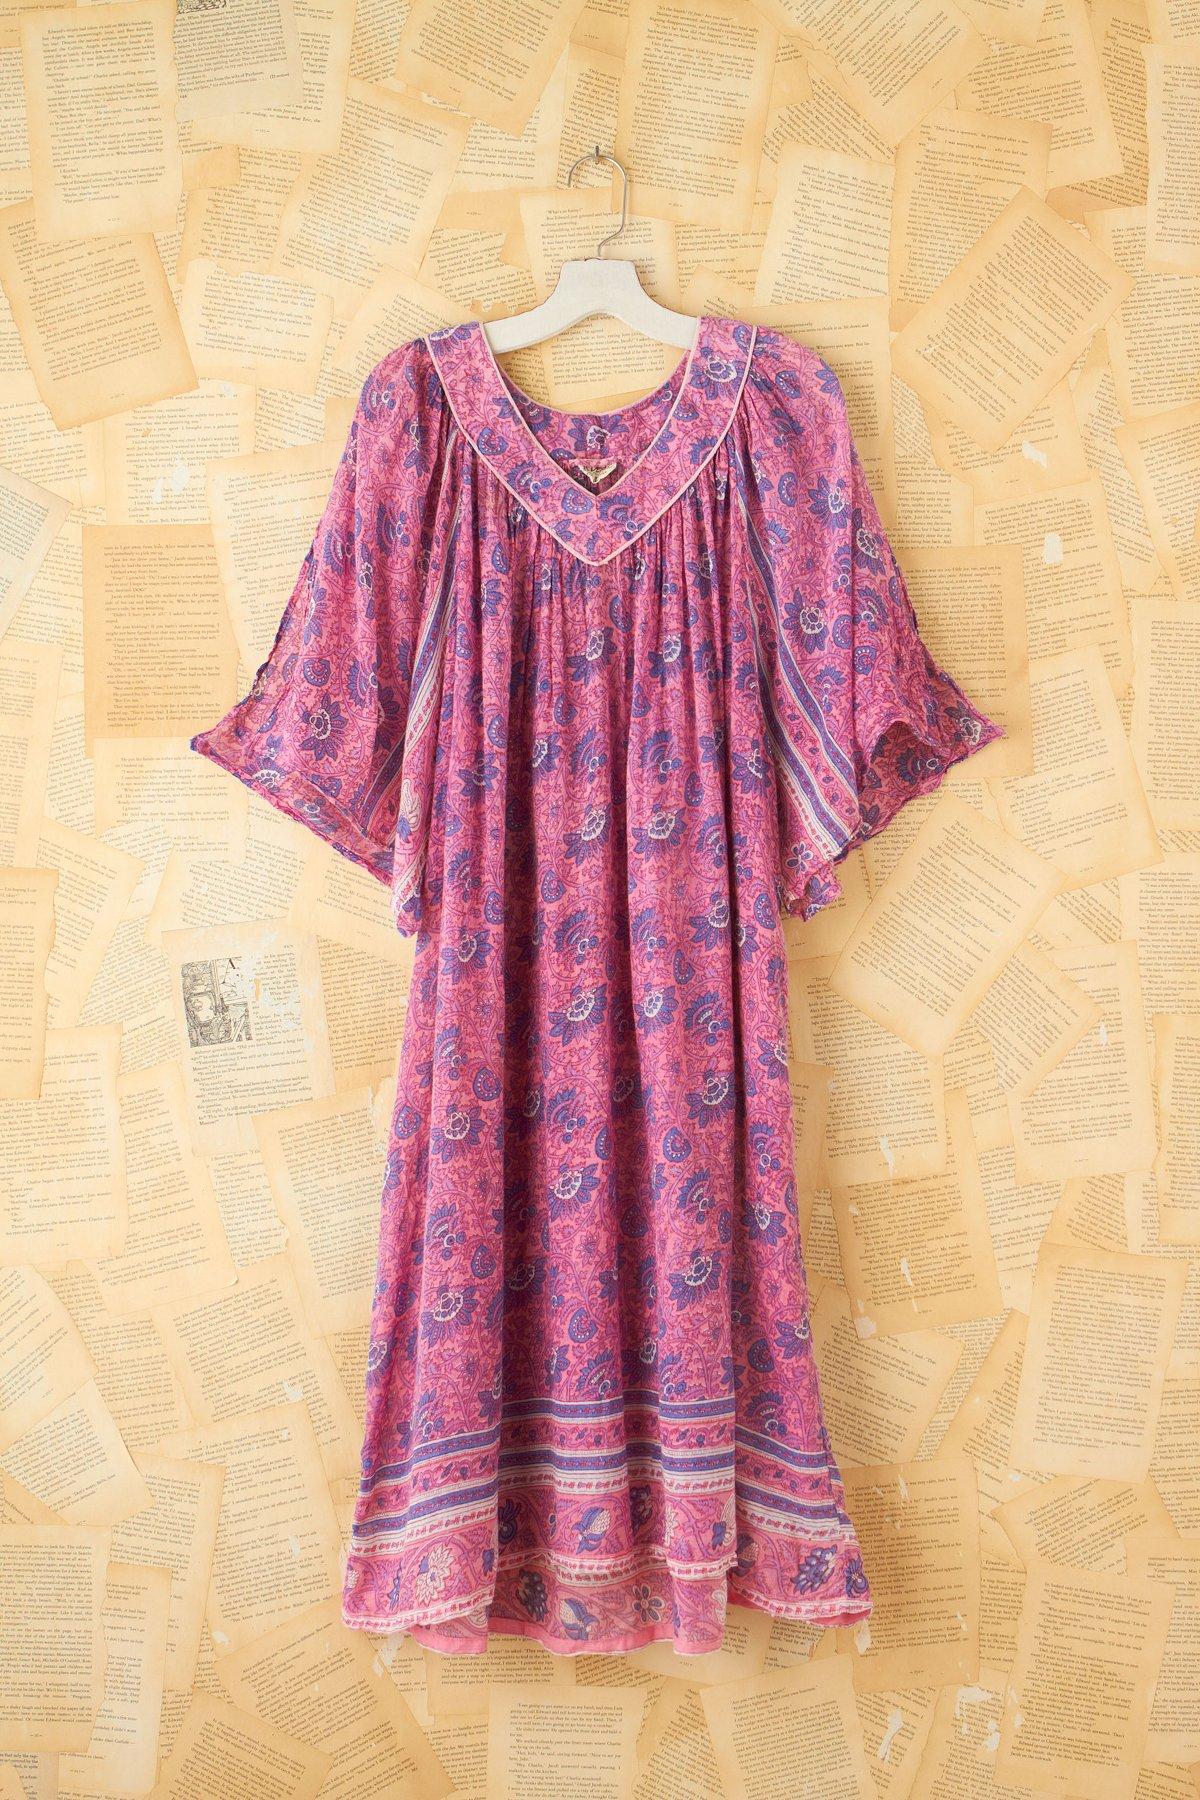 Vintage Deep V-Neck Dress